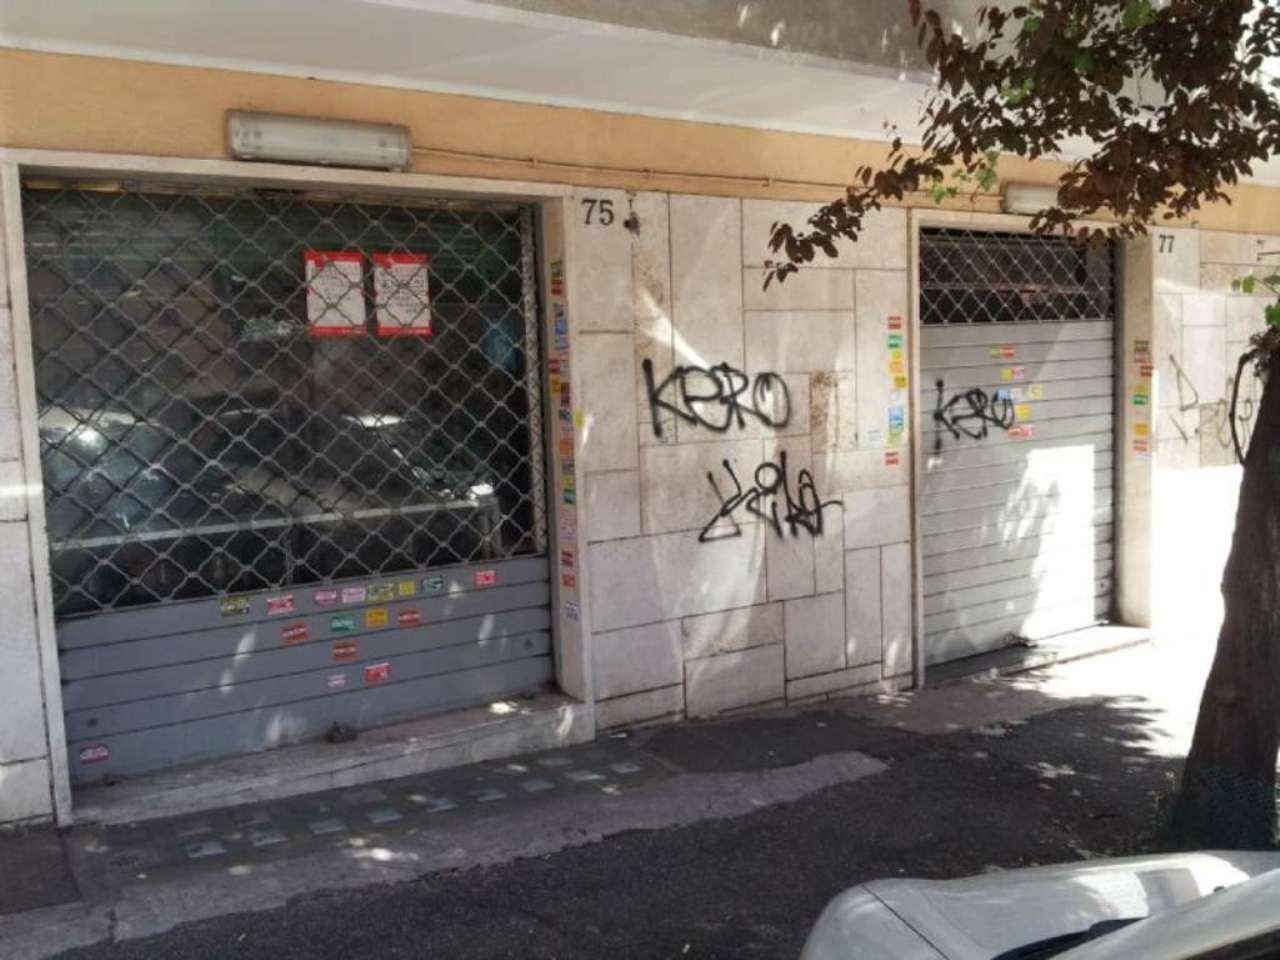 Negozio / Locale in vendita a Roma, 1 locali, zona Zona: 23 . Portuense - Magliana, prezzo € 79.000 | Cambiocasa.it